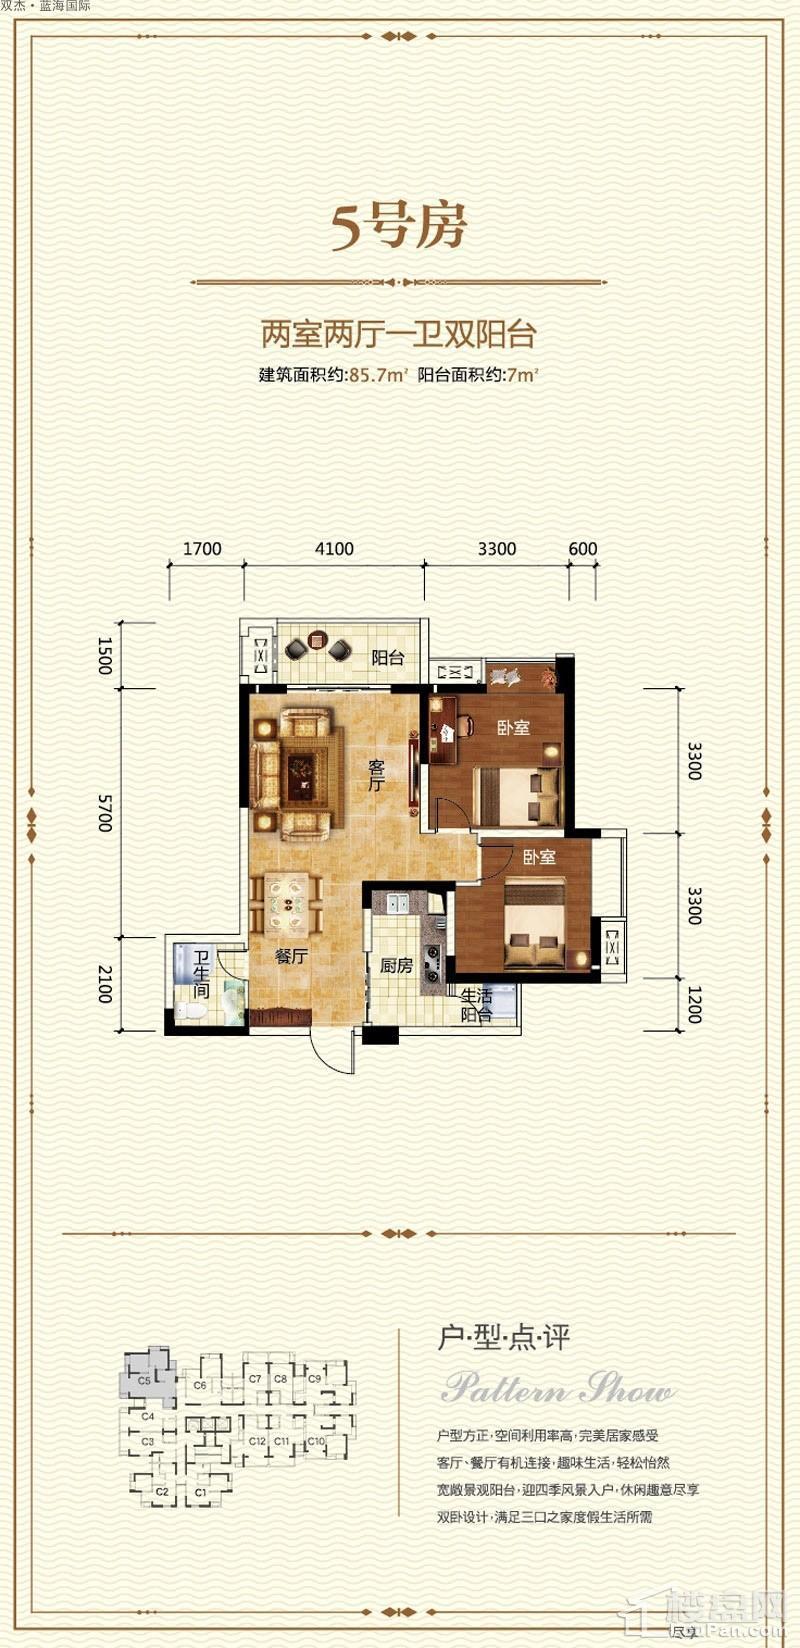 双杰·蓝海国际5号房户型